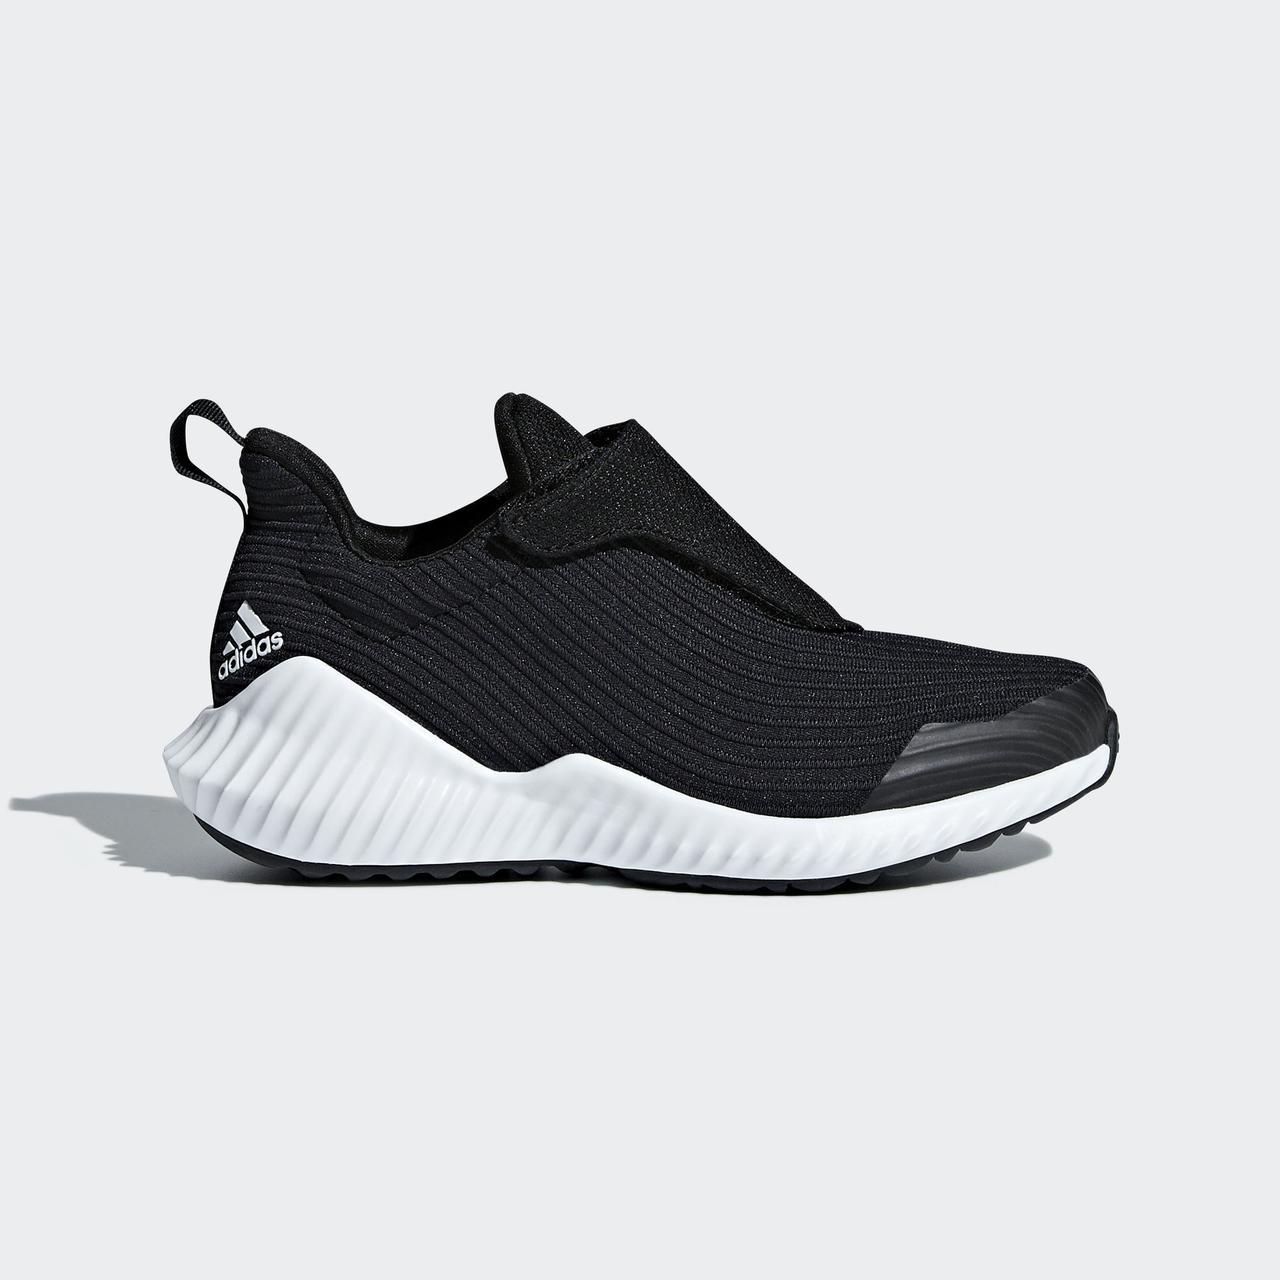 ead954a8 Детские кроссовки Adidas Performance Fortarun (Артикул: AH2627) -  Интернет-магазин «Эксперт